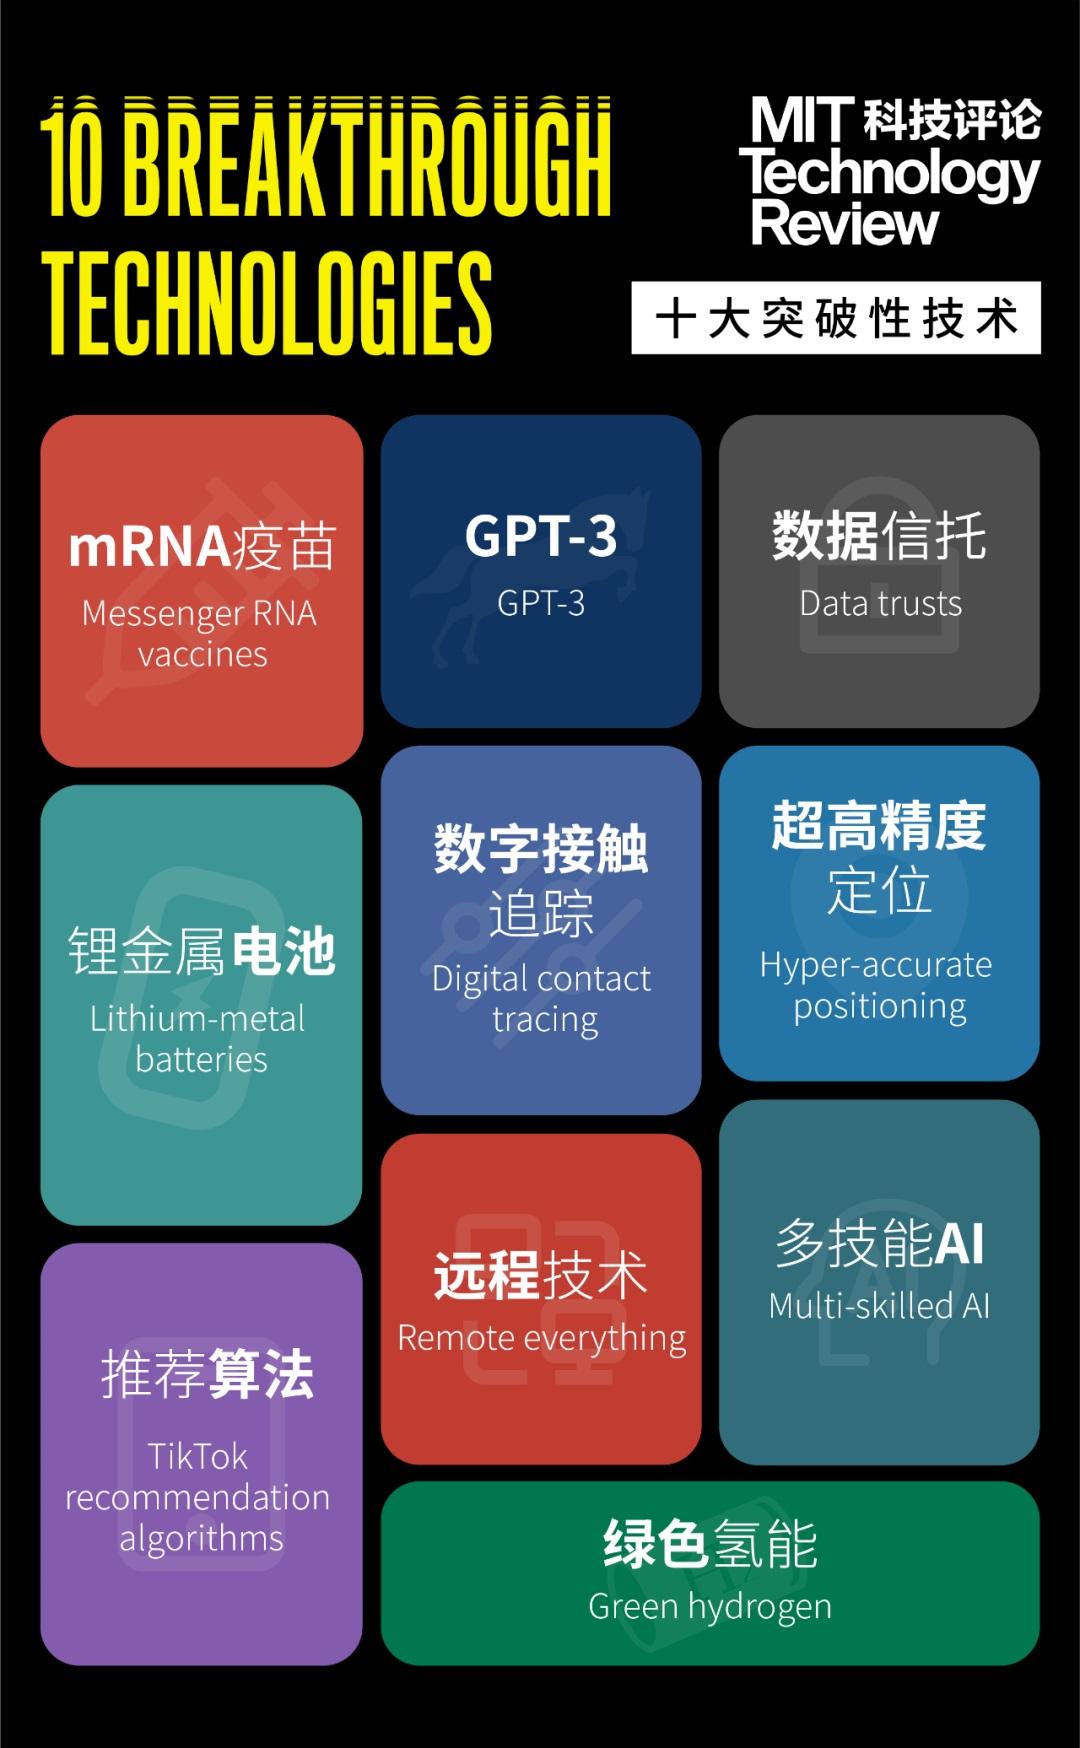 2021 年 MIT 全球十大突破性技术:Tiktok 推荐算法等上榜